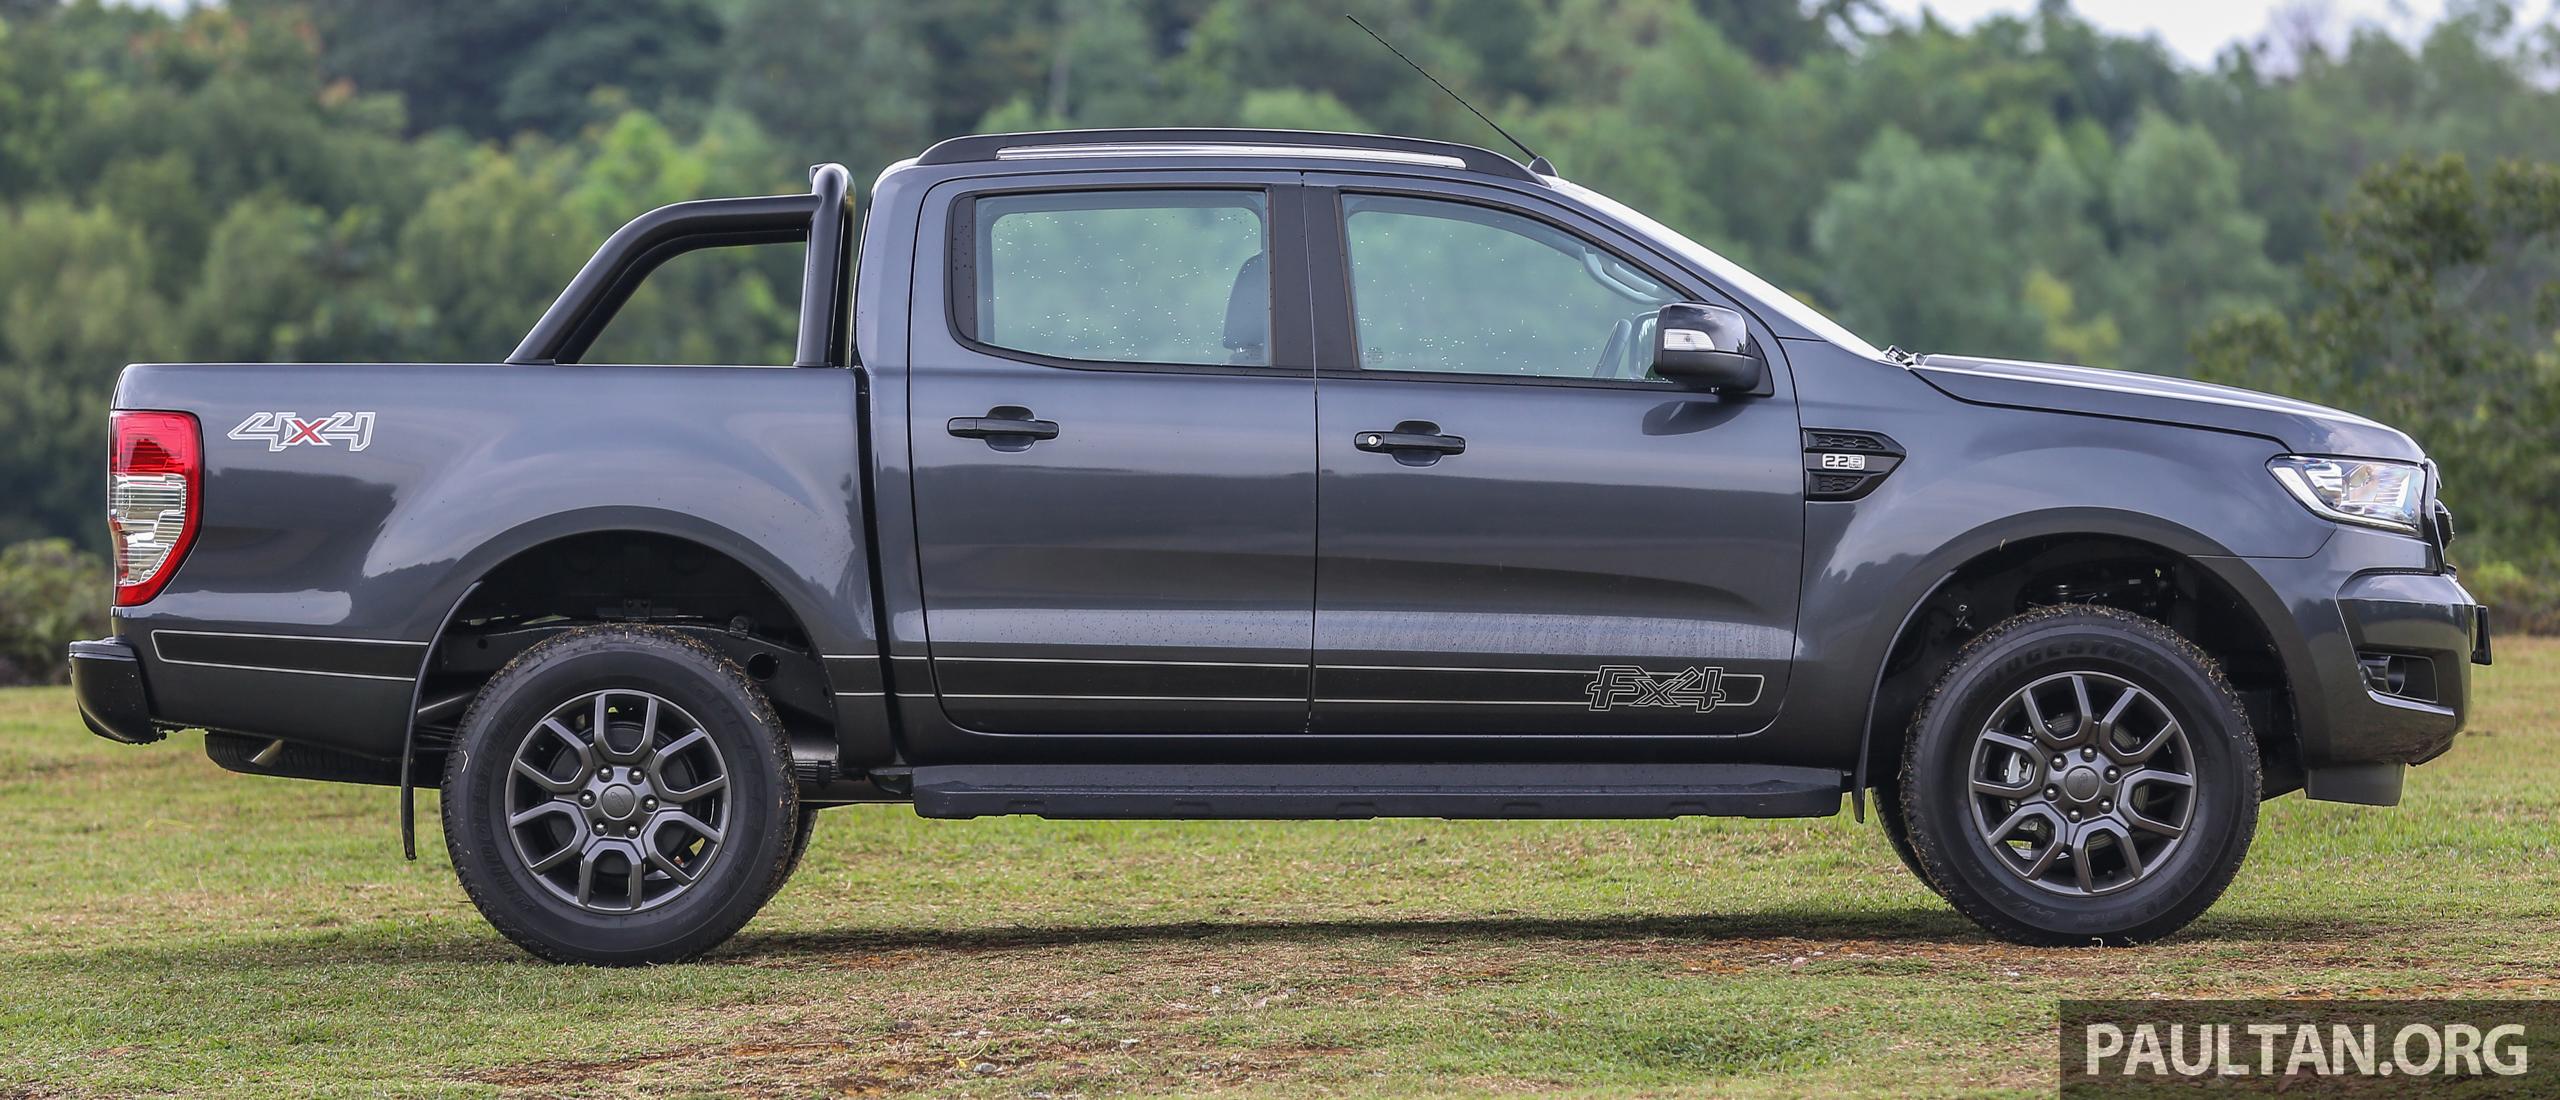 新车图集:Ford Ranger 2.2L FX4,更具运动化气息。 Ford_Ranger_Fx4_Ext-13 - Paul Tan 汽车资讯网